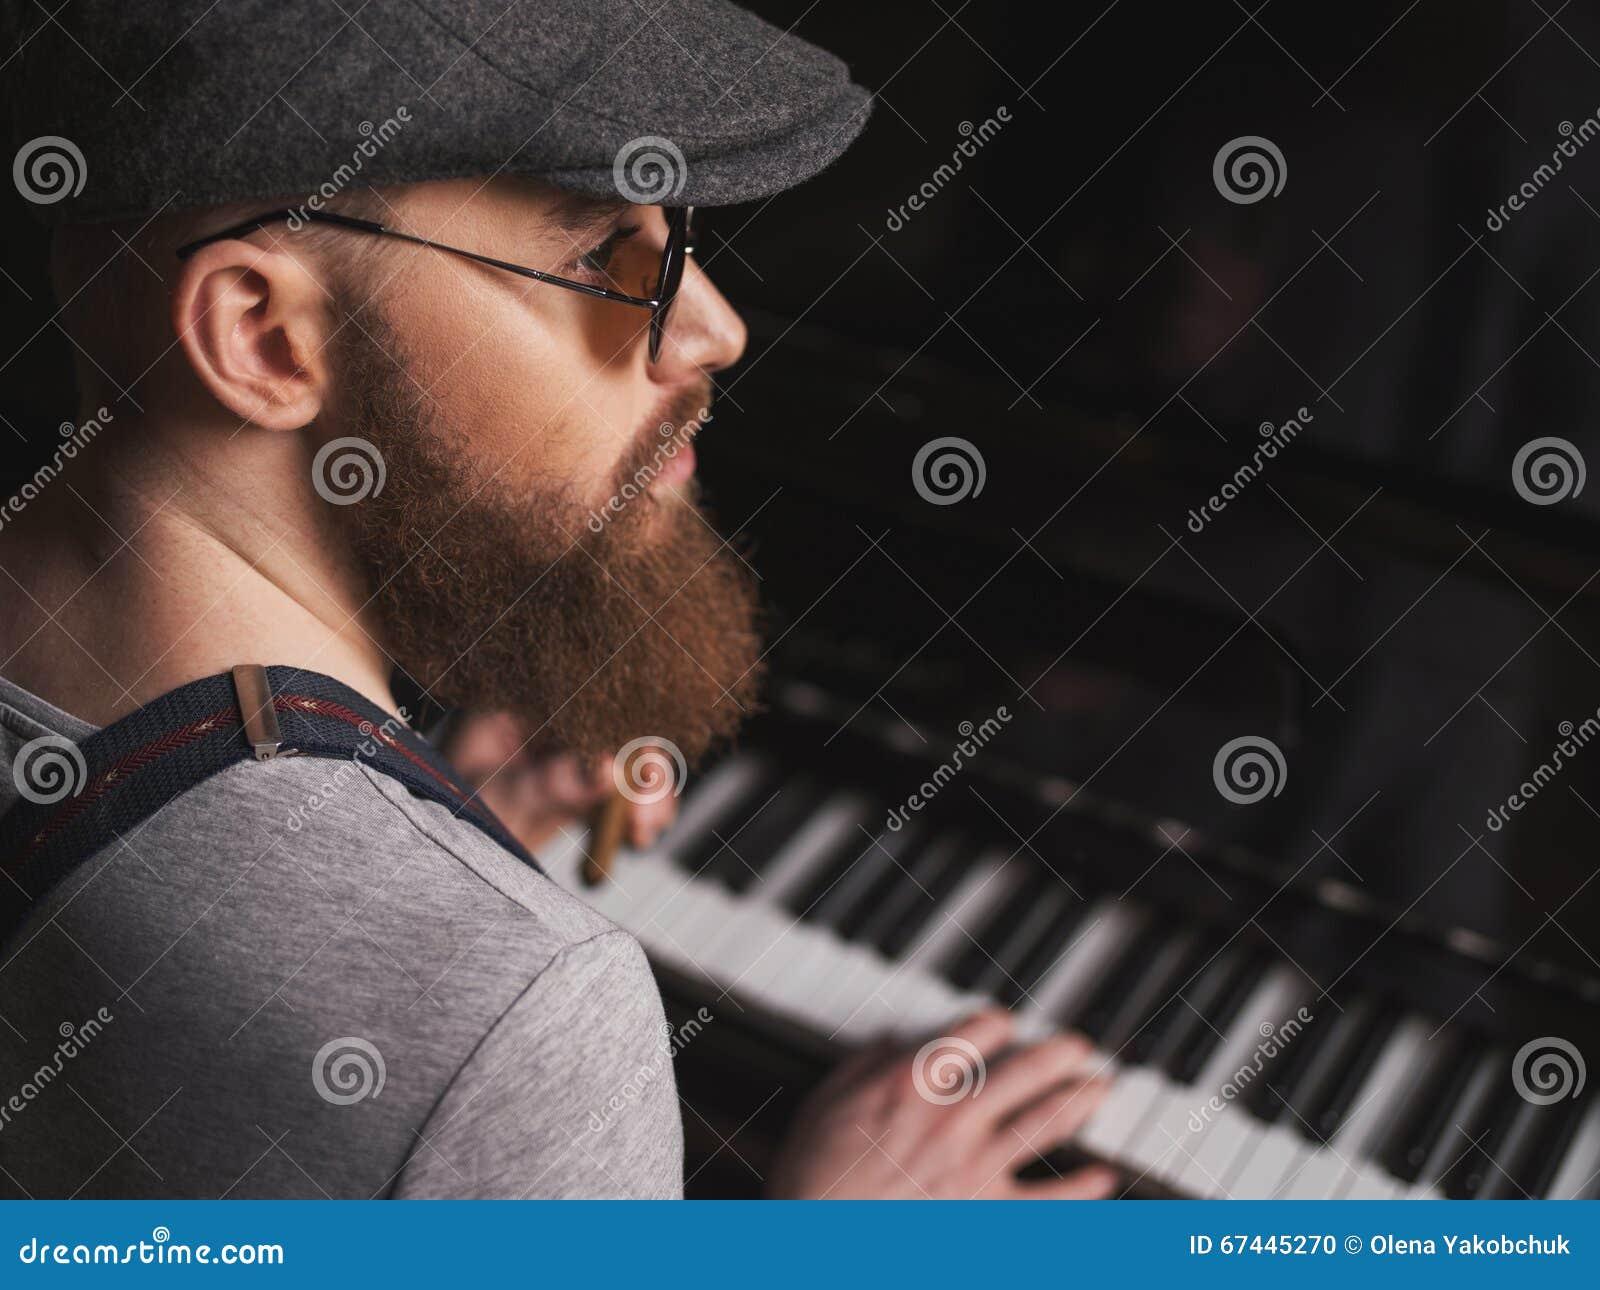 Талантливый бородатый музыкант играет рояль